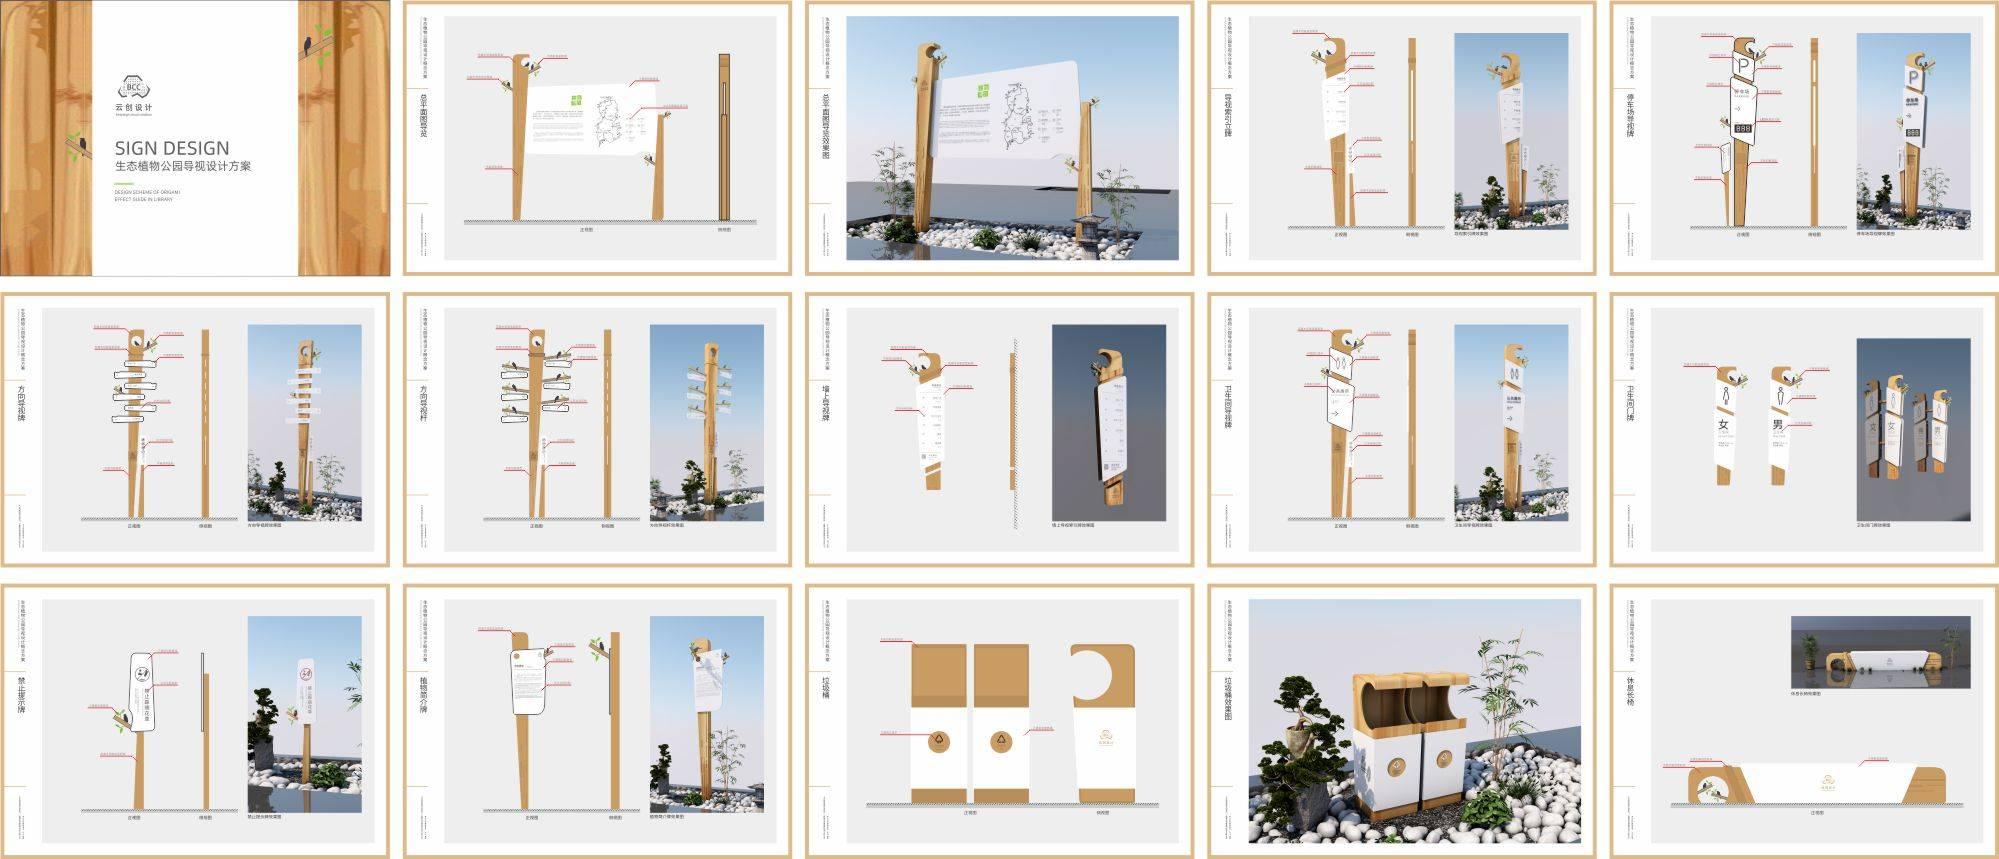 【必然云创·原创作品系列】之《生态花鸟植物园导视系统设计概念方案》